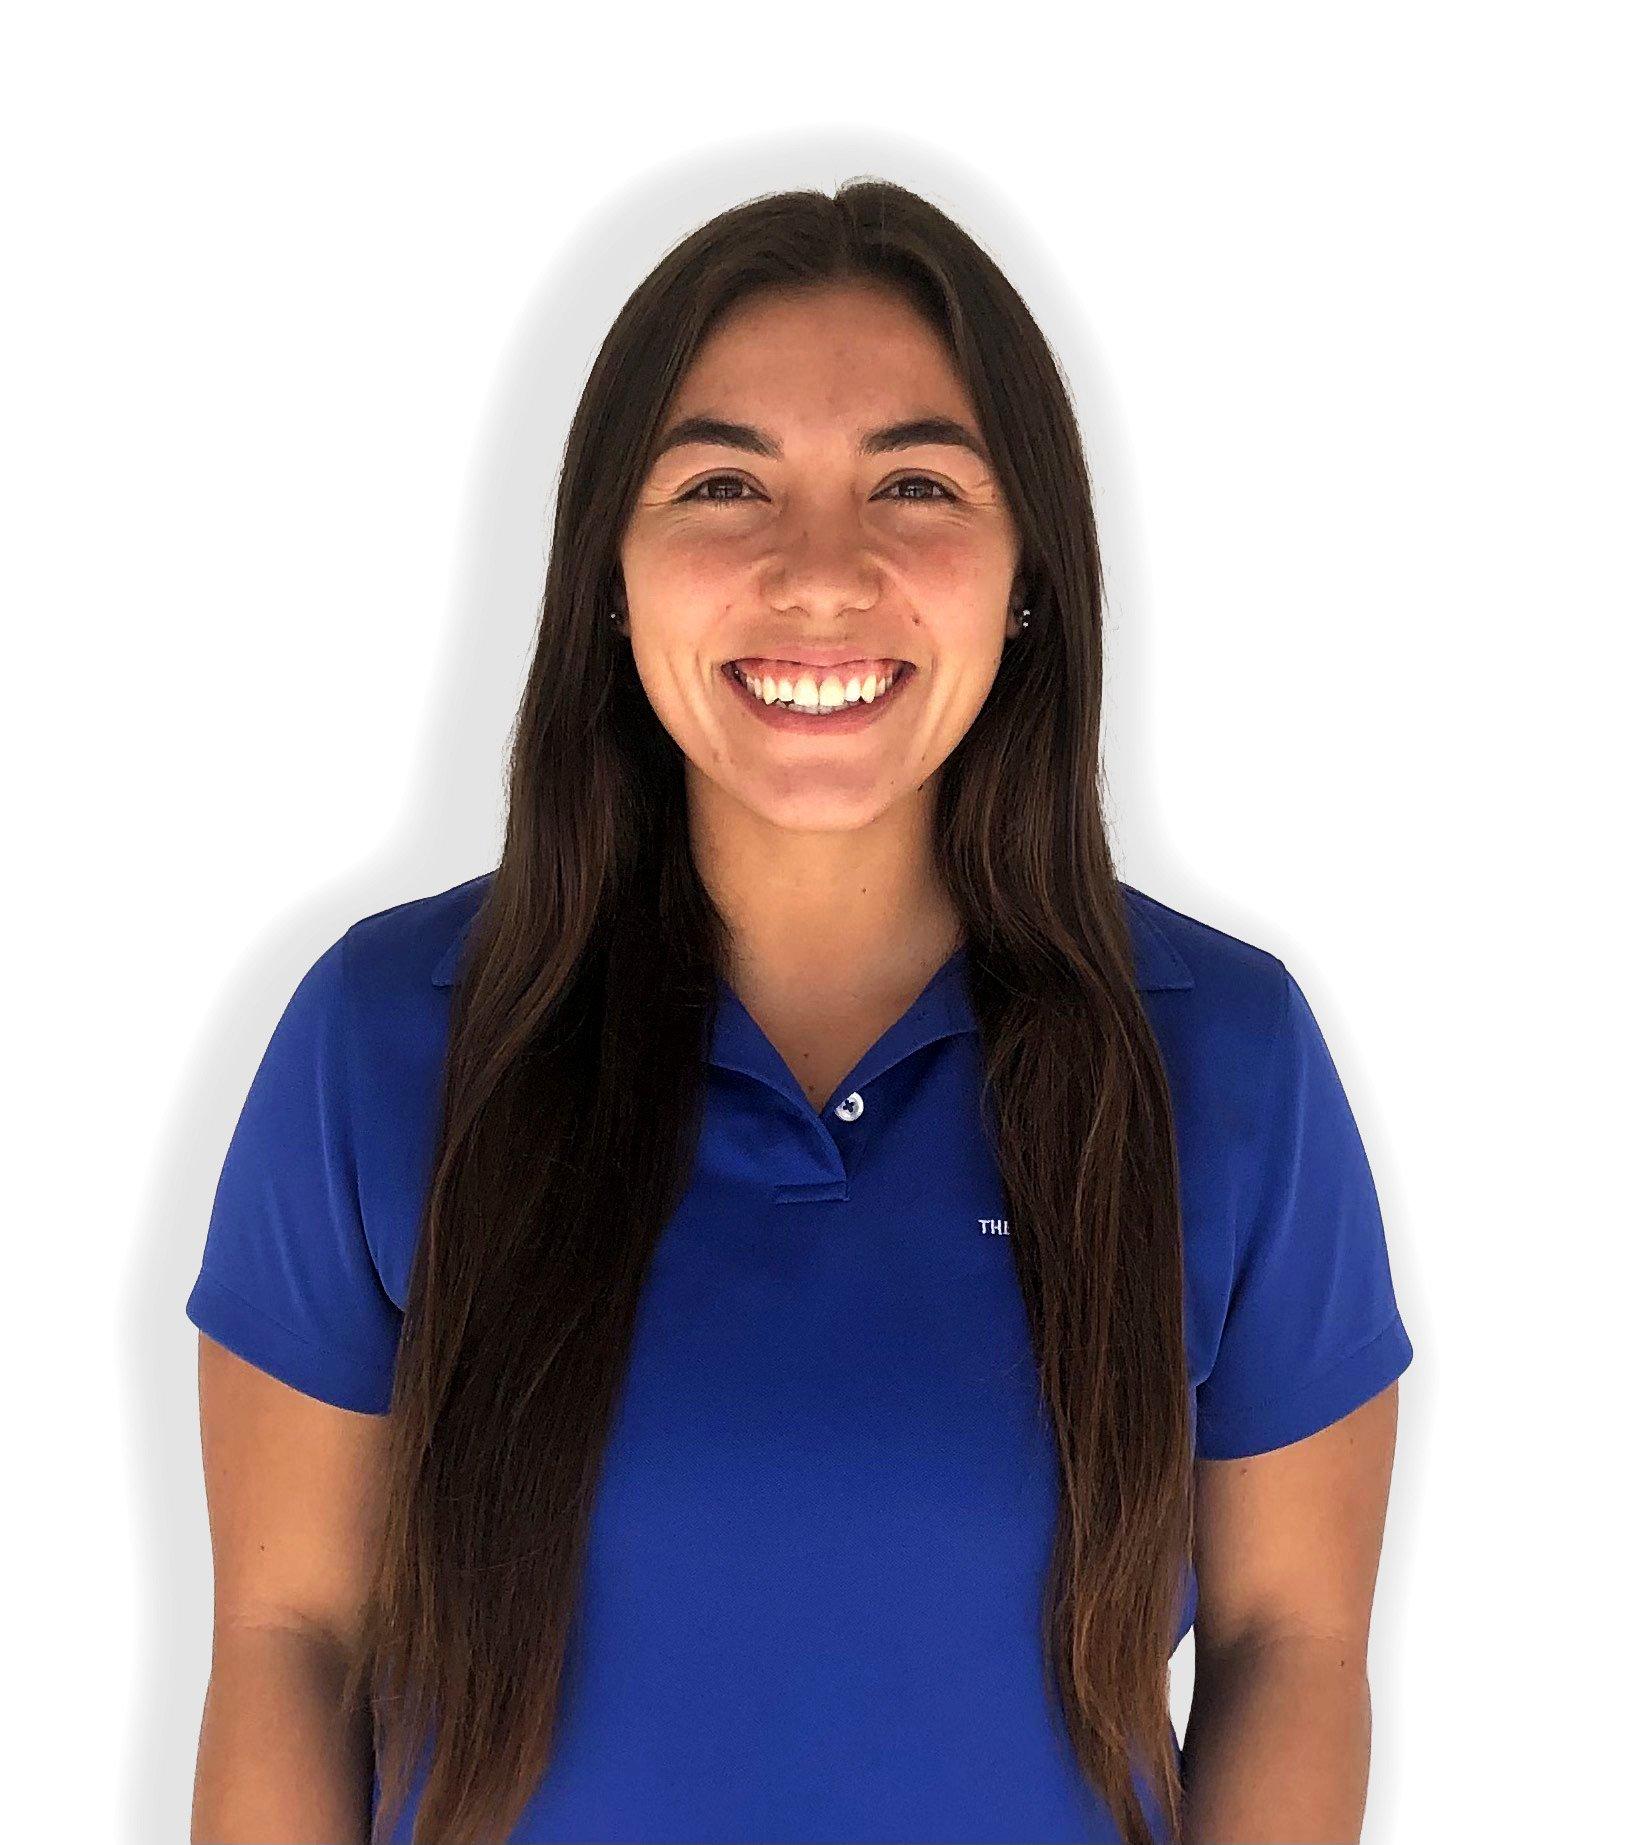 Danielle Vizcarra